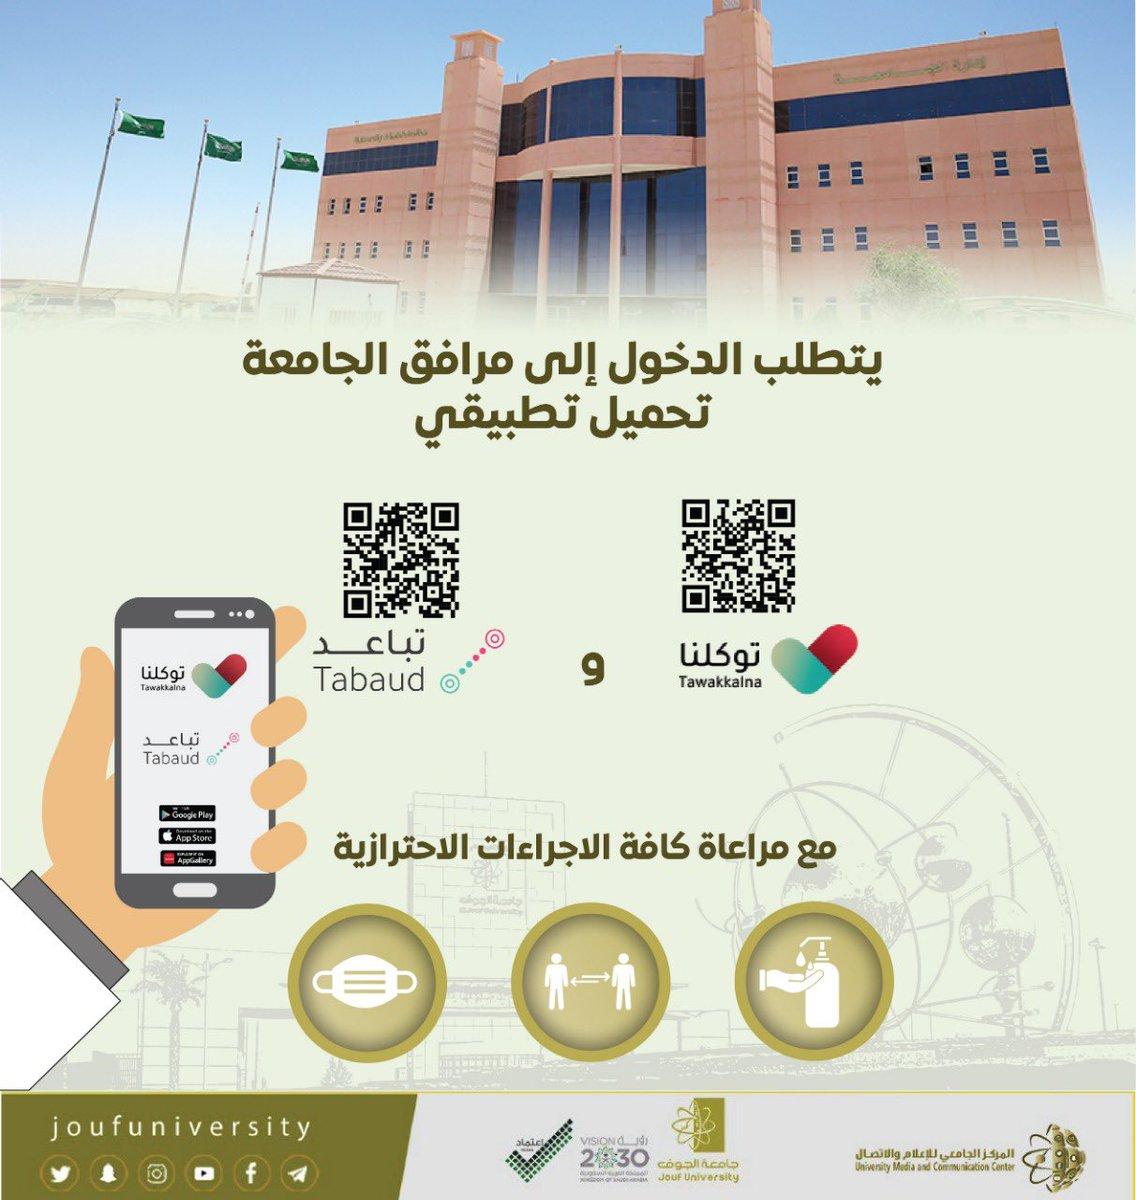 جامعة الجوف Joufuniversity Twitter